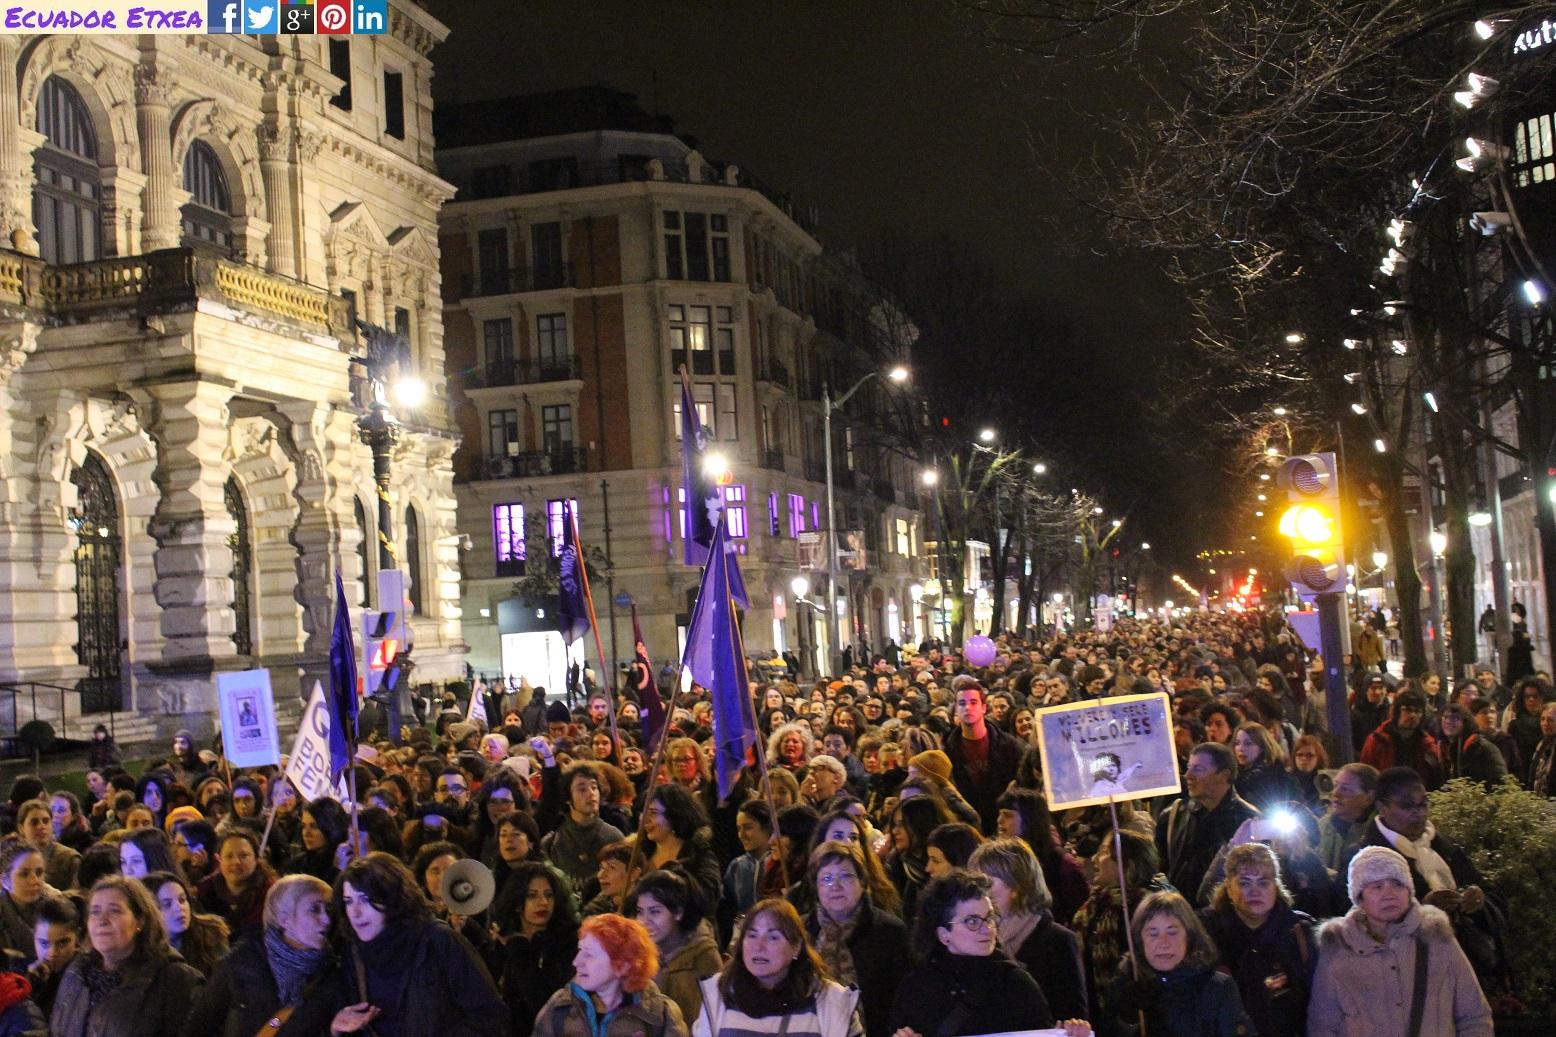 Las Feútxas: 8M, día histórico para el Feminismo